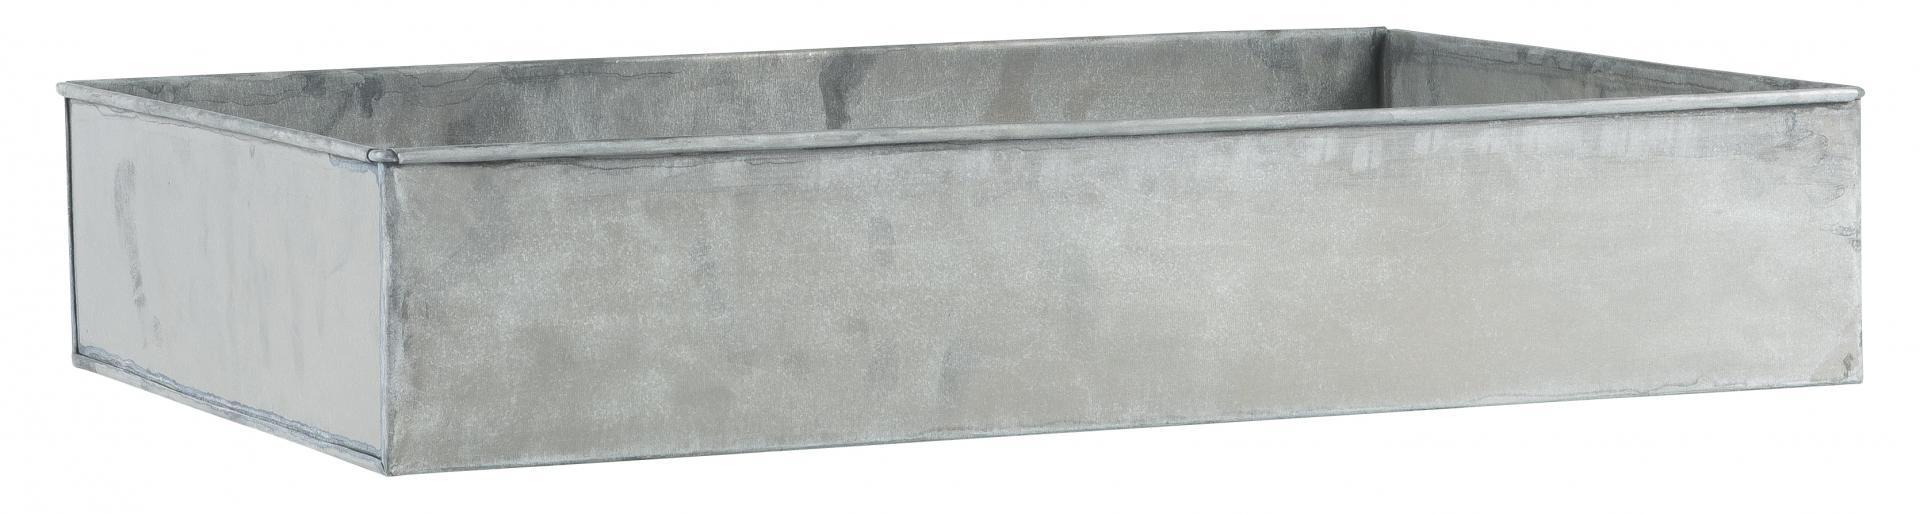 IB LAURSEN Tác pod květiny 60x37, šedá barva, zinek